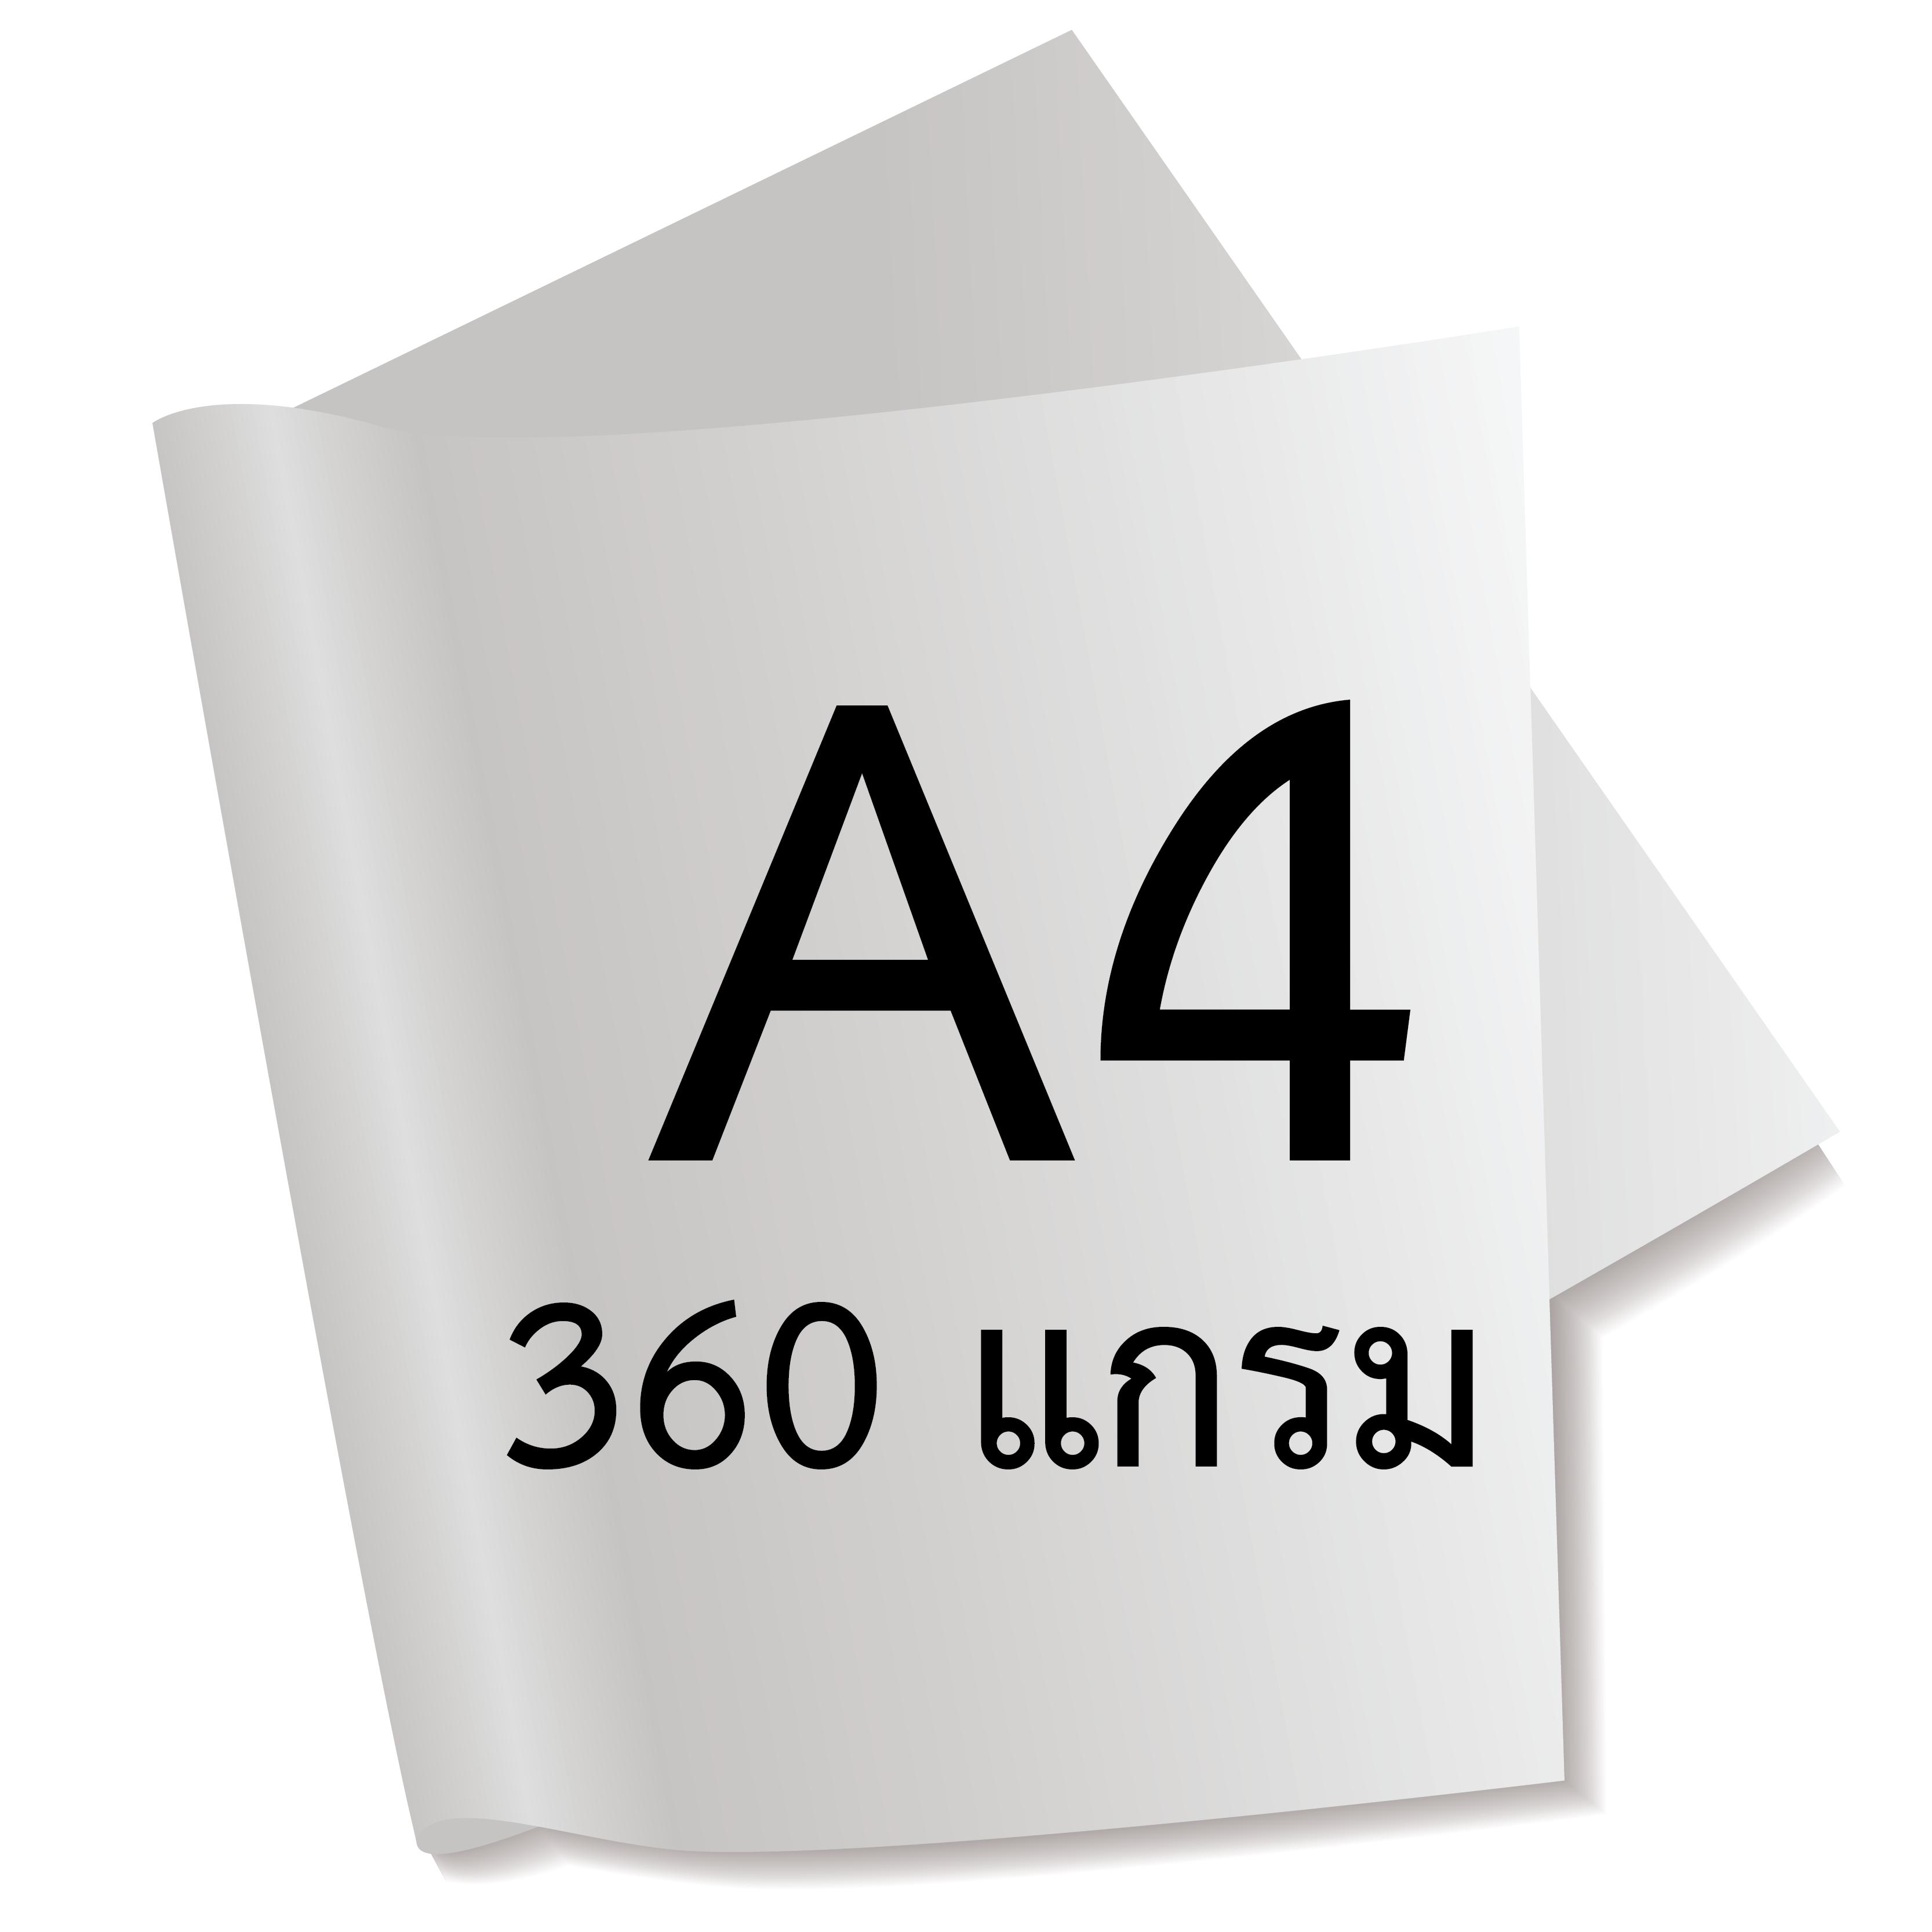 กระดาษอาร์ตการ์ดมัน 2 หน้า 360 แกรม/A4 (500 แผ่น)